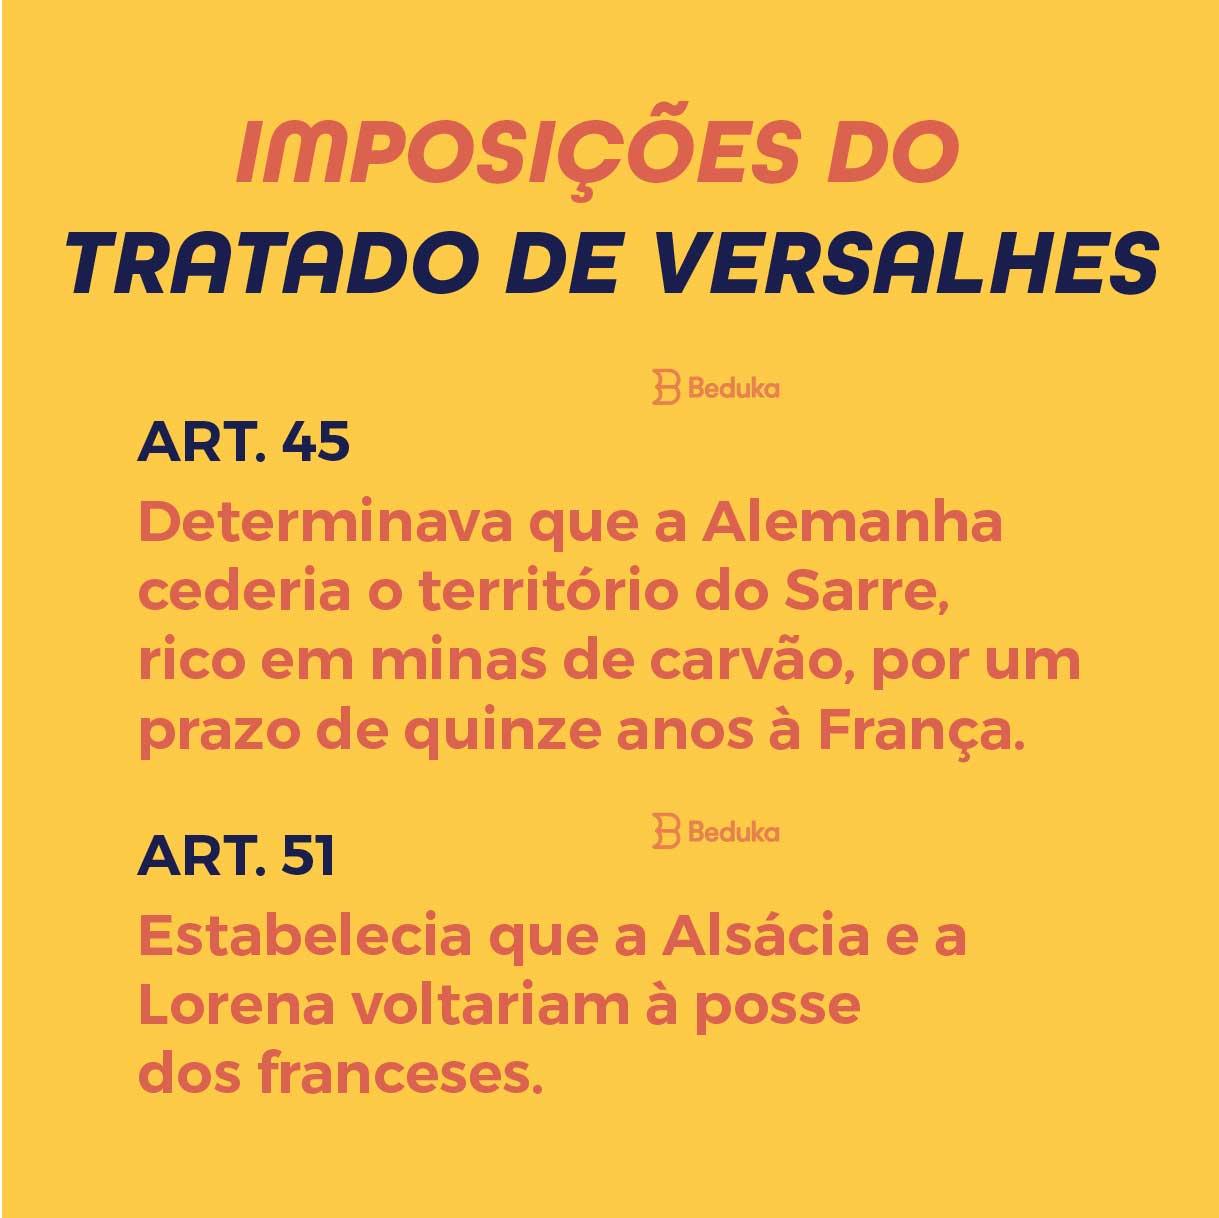 artigos 45 e 51 das imposições do tratado de Versalles